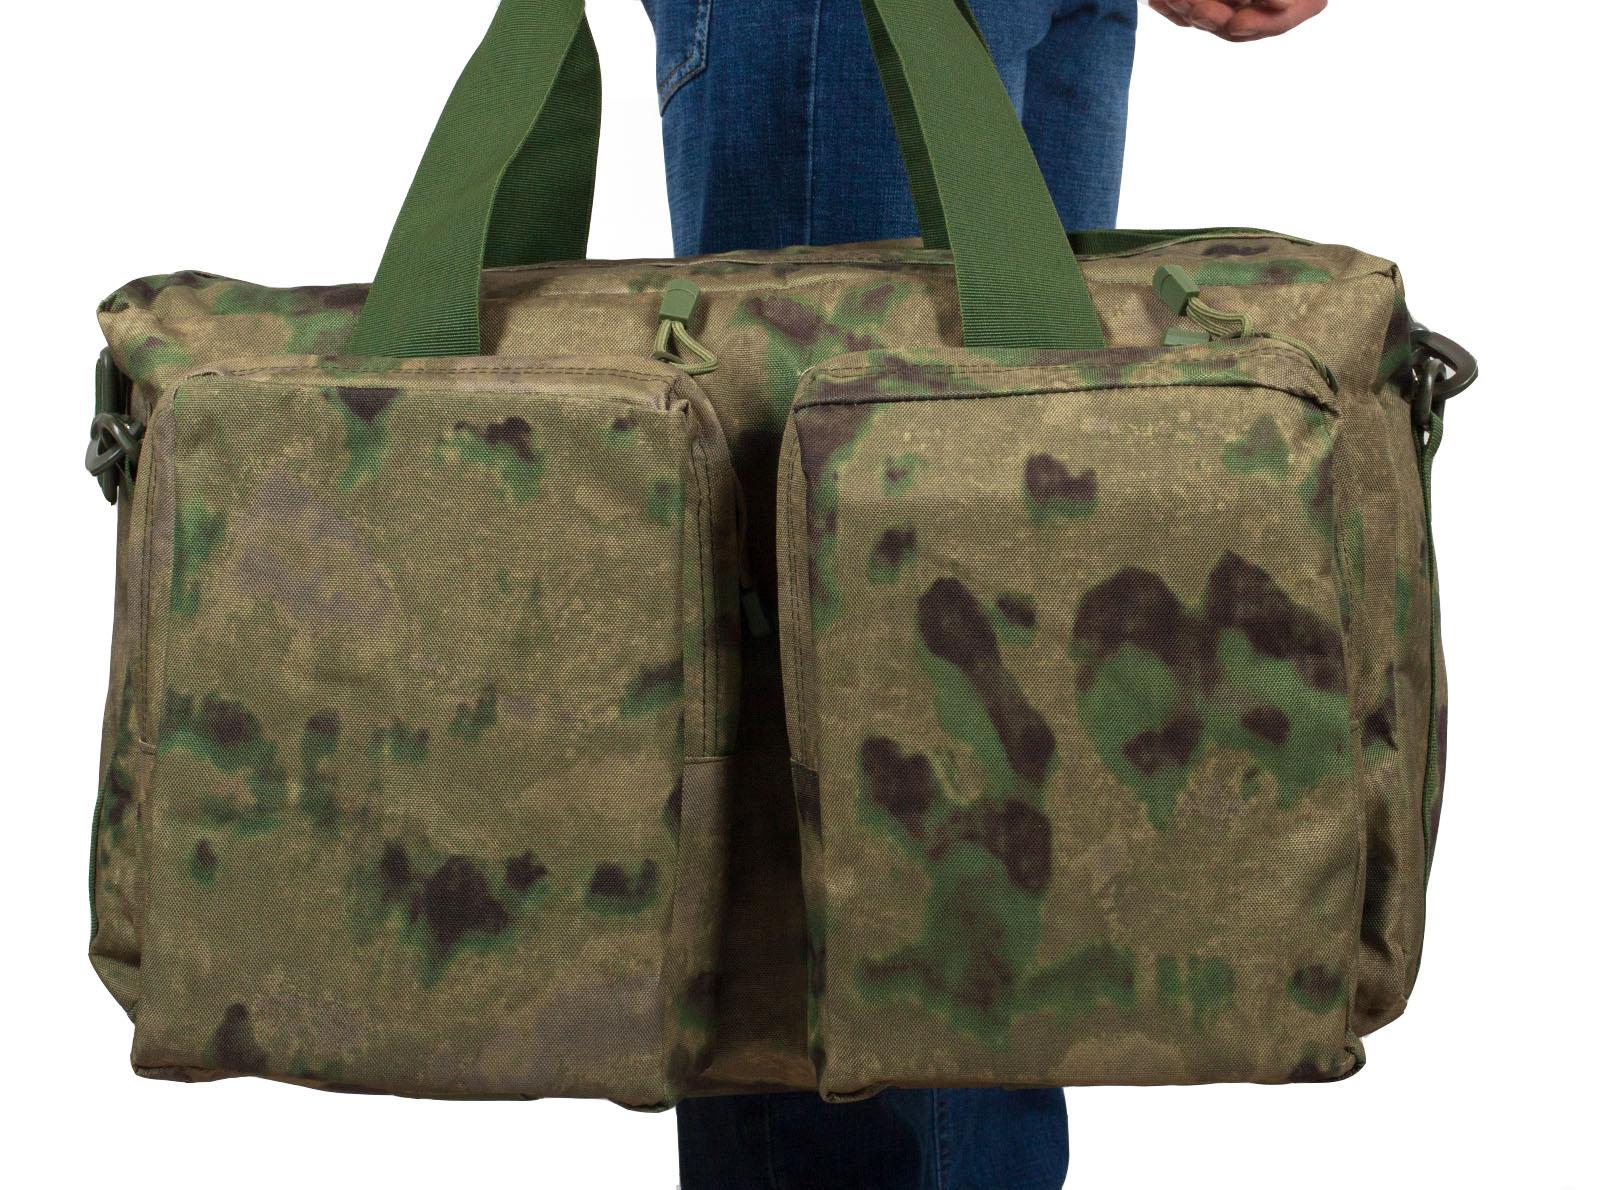 Тактическая походная сумка с нашивкой Ни пуха, Ни пера - заказать оптом